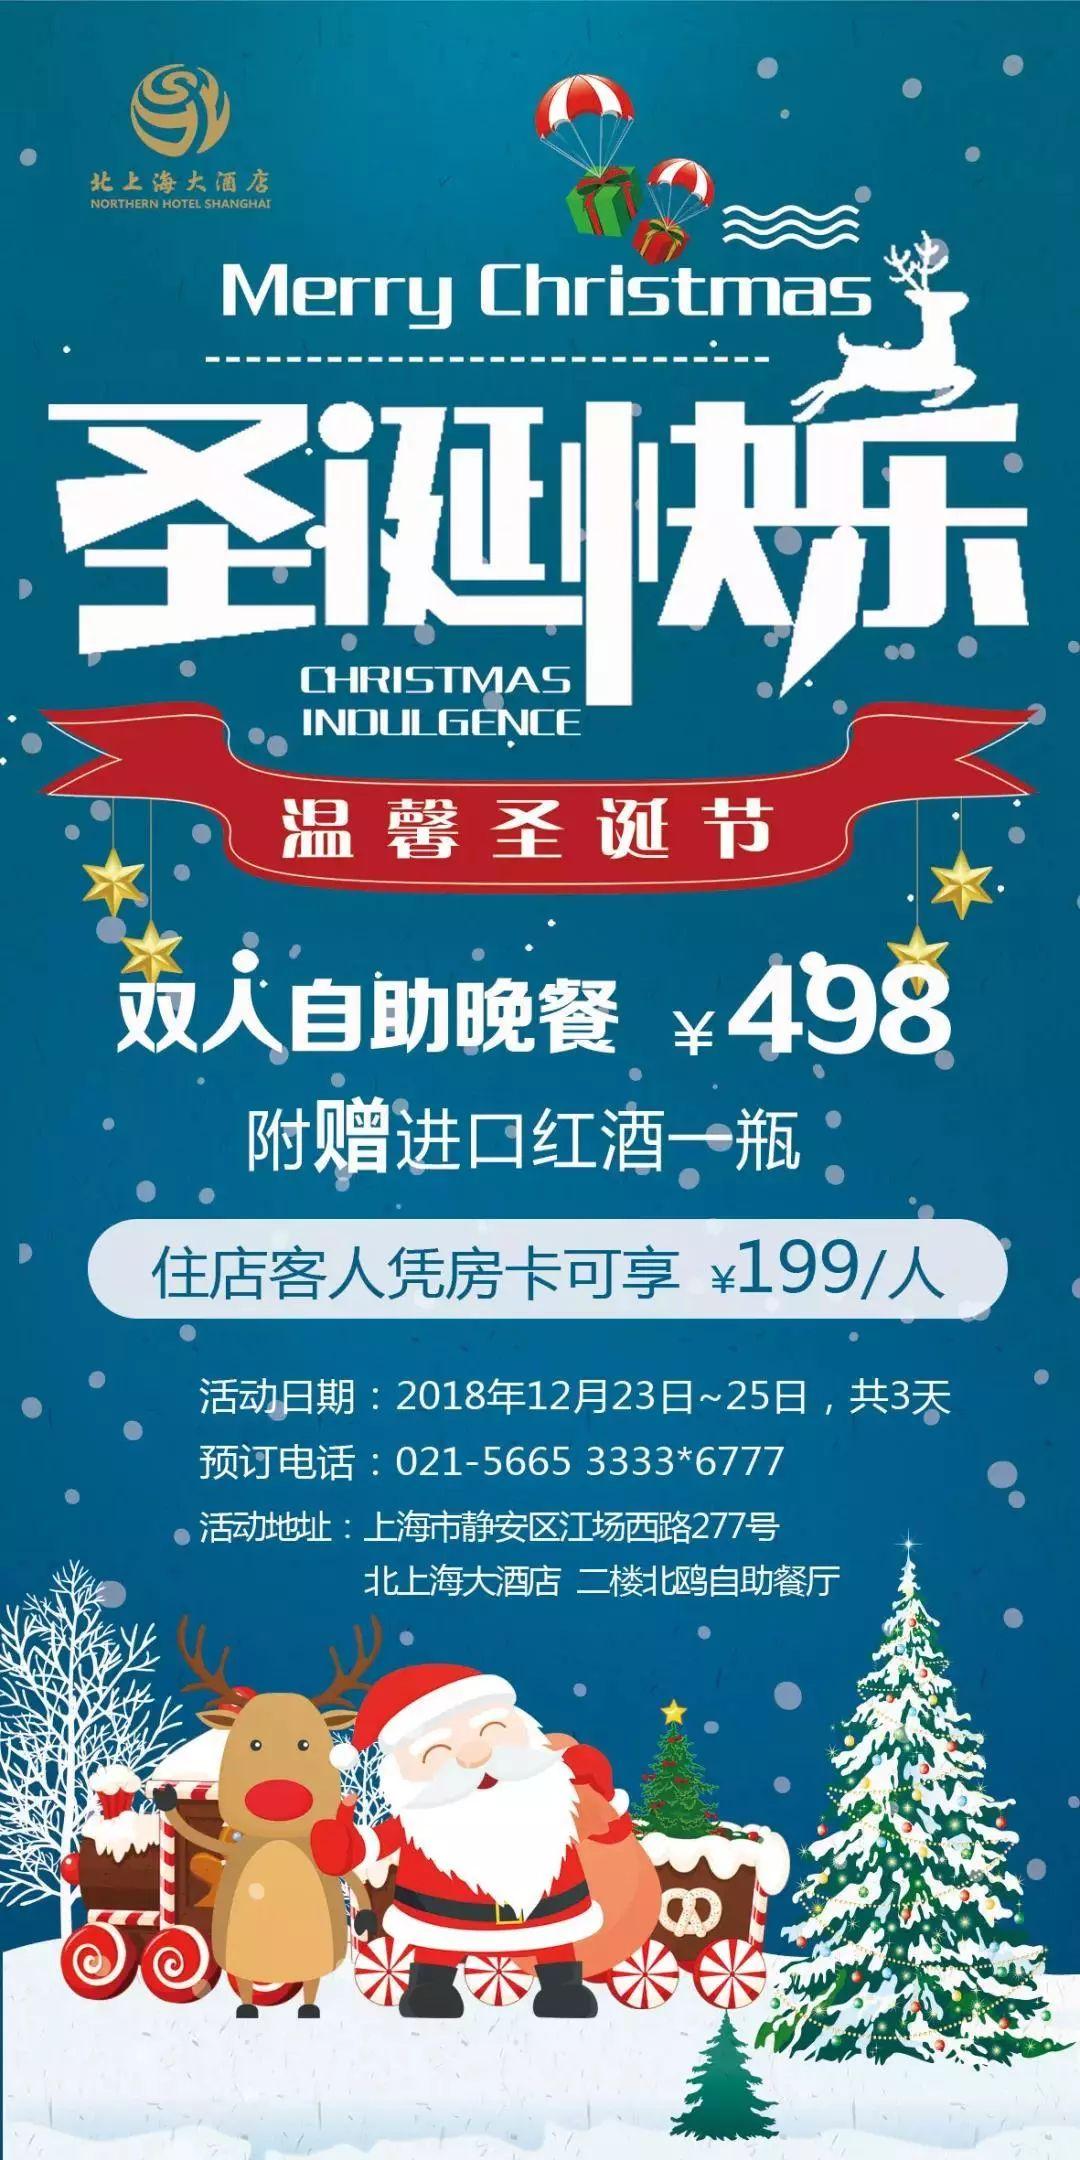 上海静安区酒店2018圣诞大餐指南